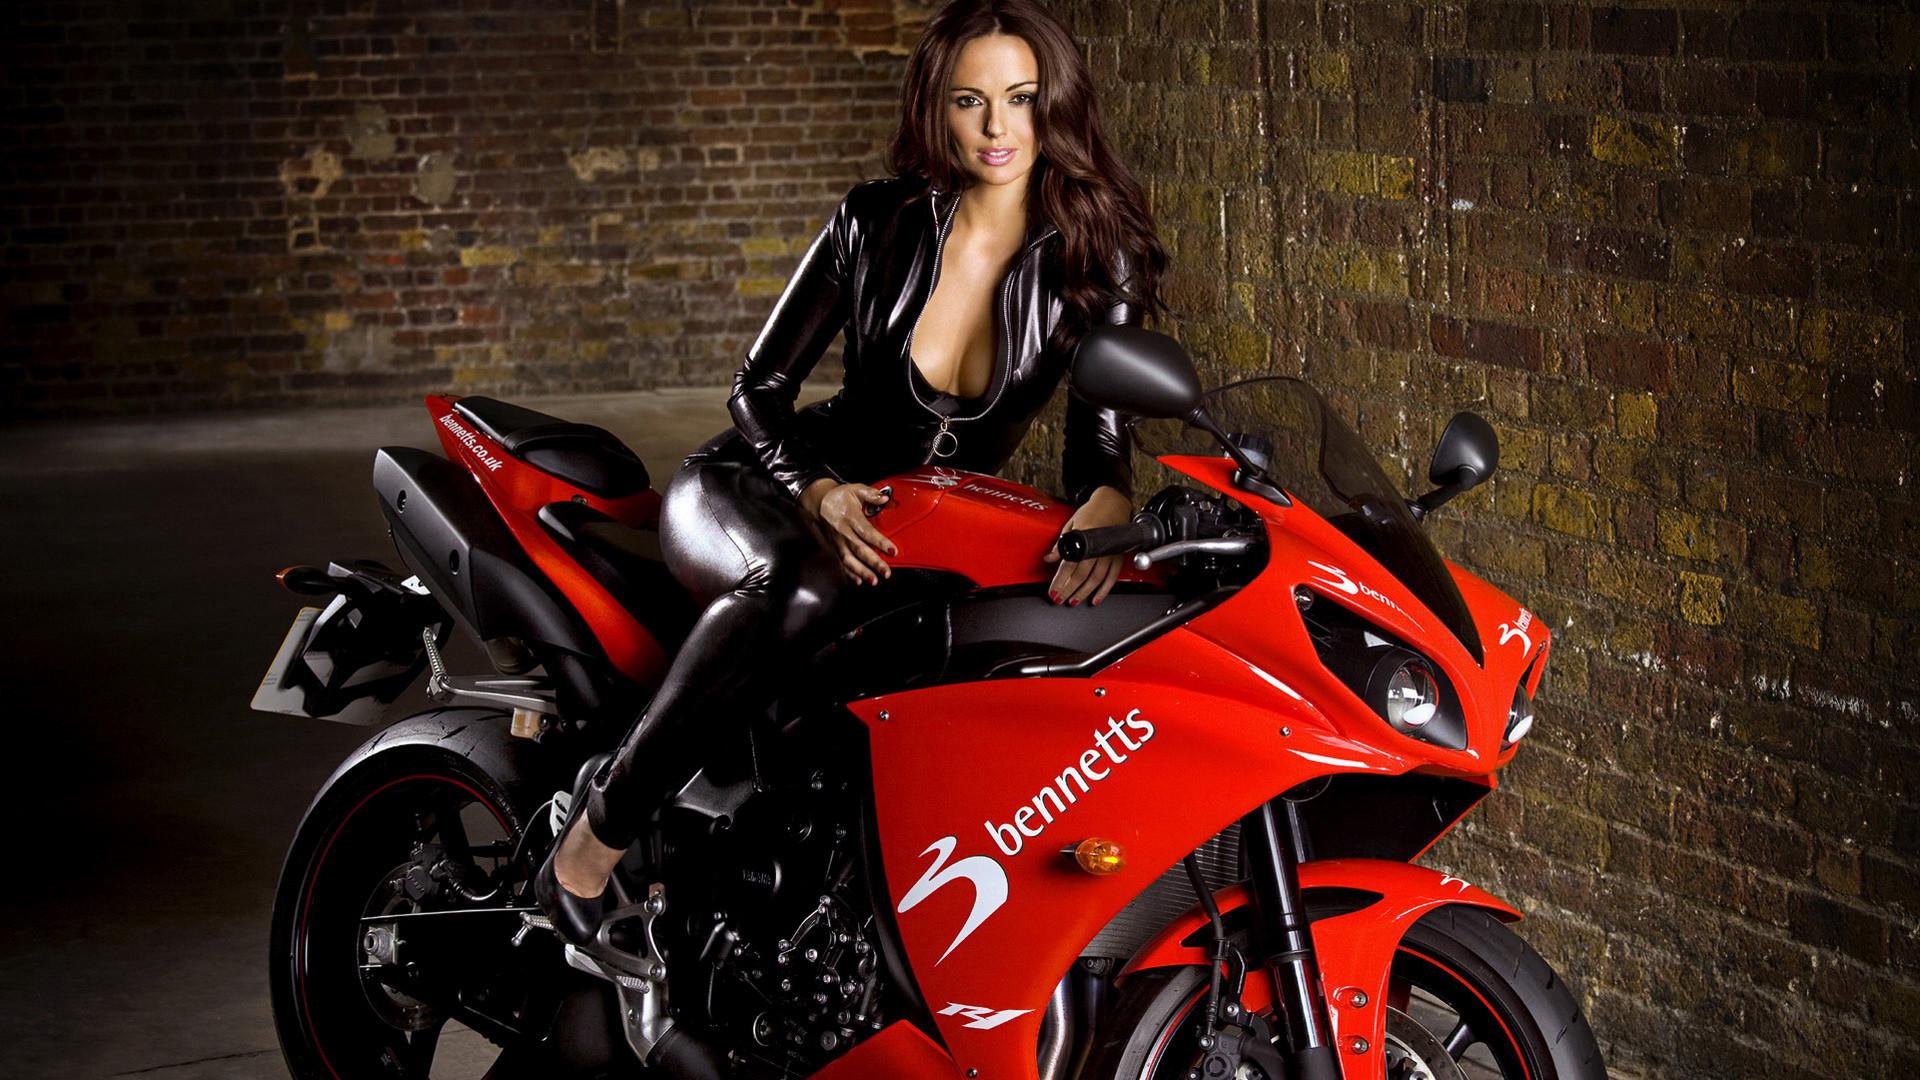 Girls On Motorcycles Wallpapers Wallpapersafari. Bike Girls